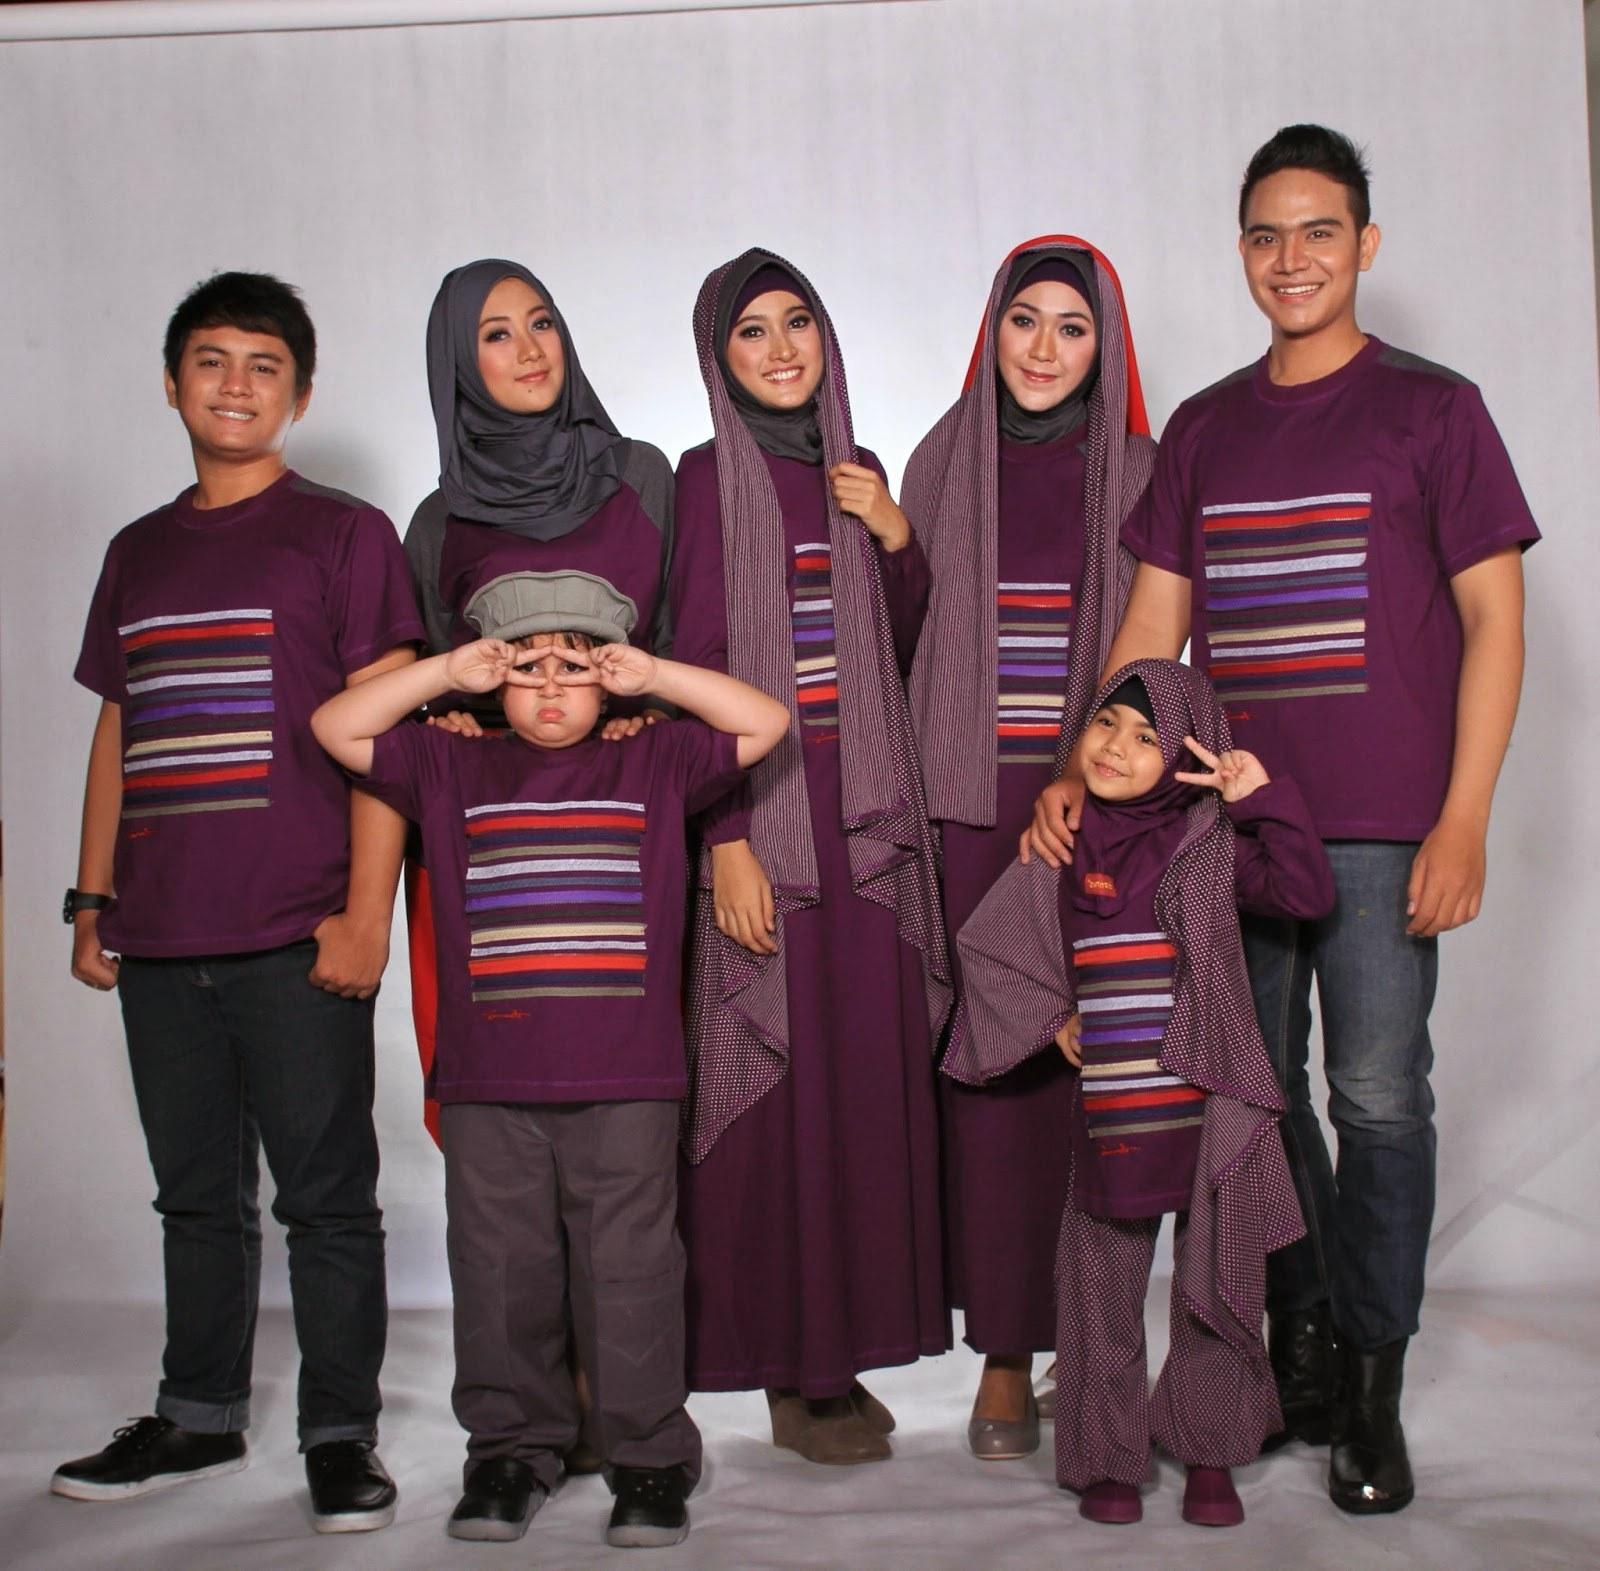 Design Baju Lebaran Keluarga E6d5 25 Model Baju Lebaran Keluarga 2018 Kompak & Modis